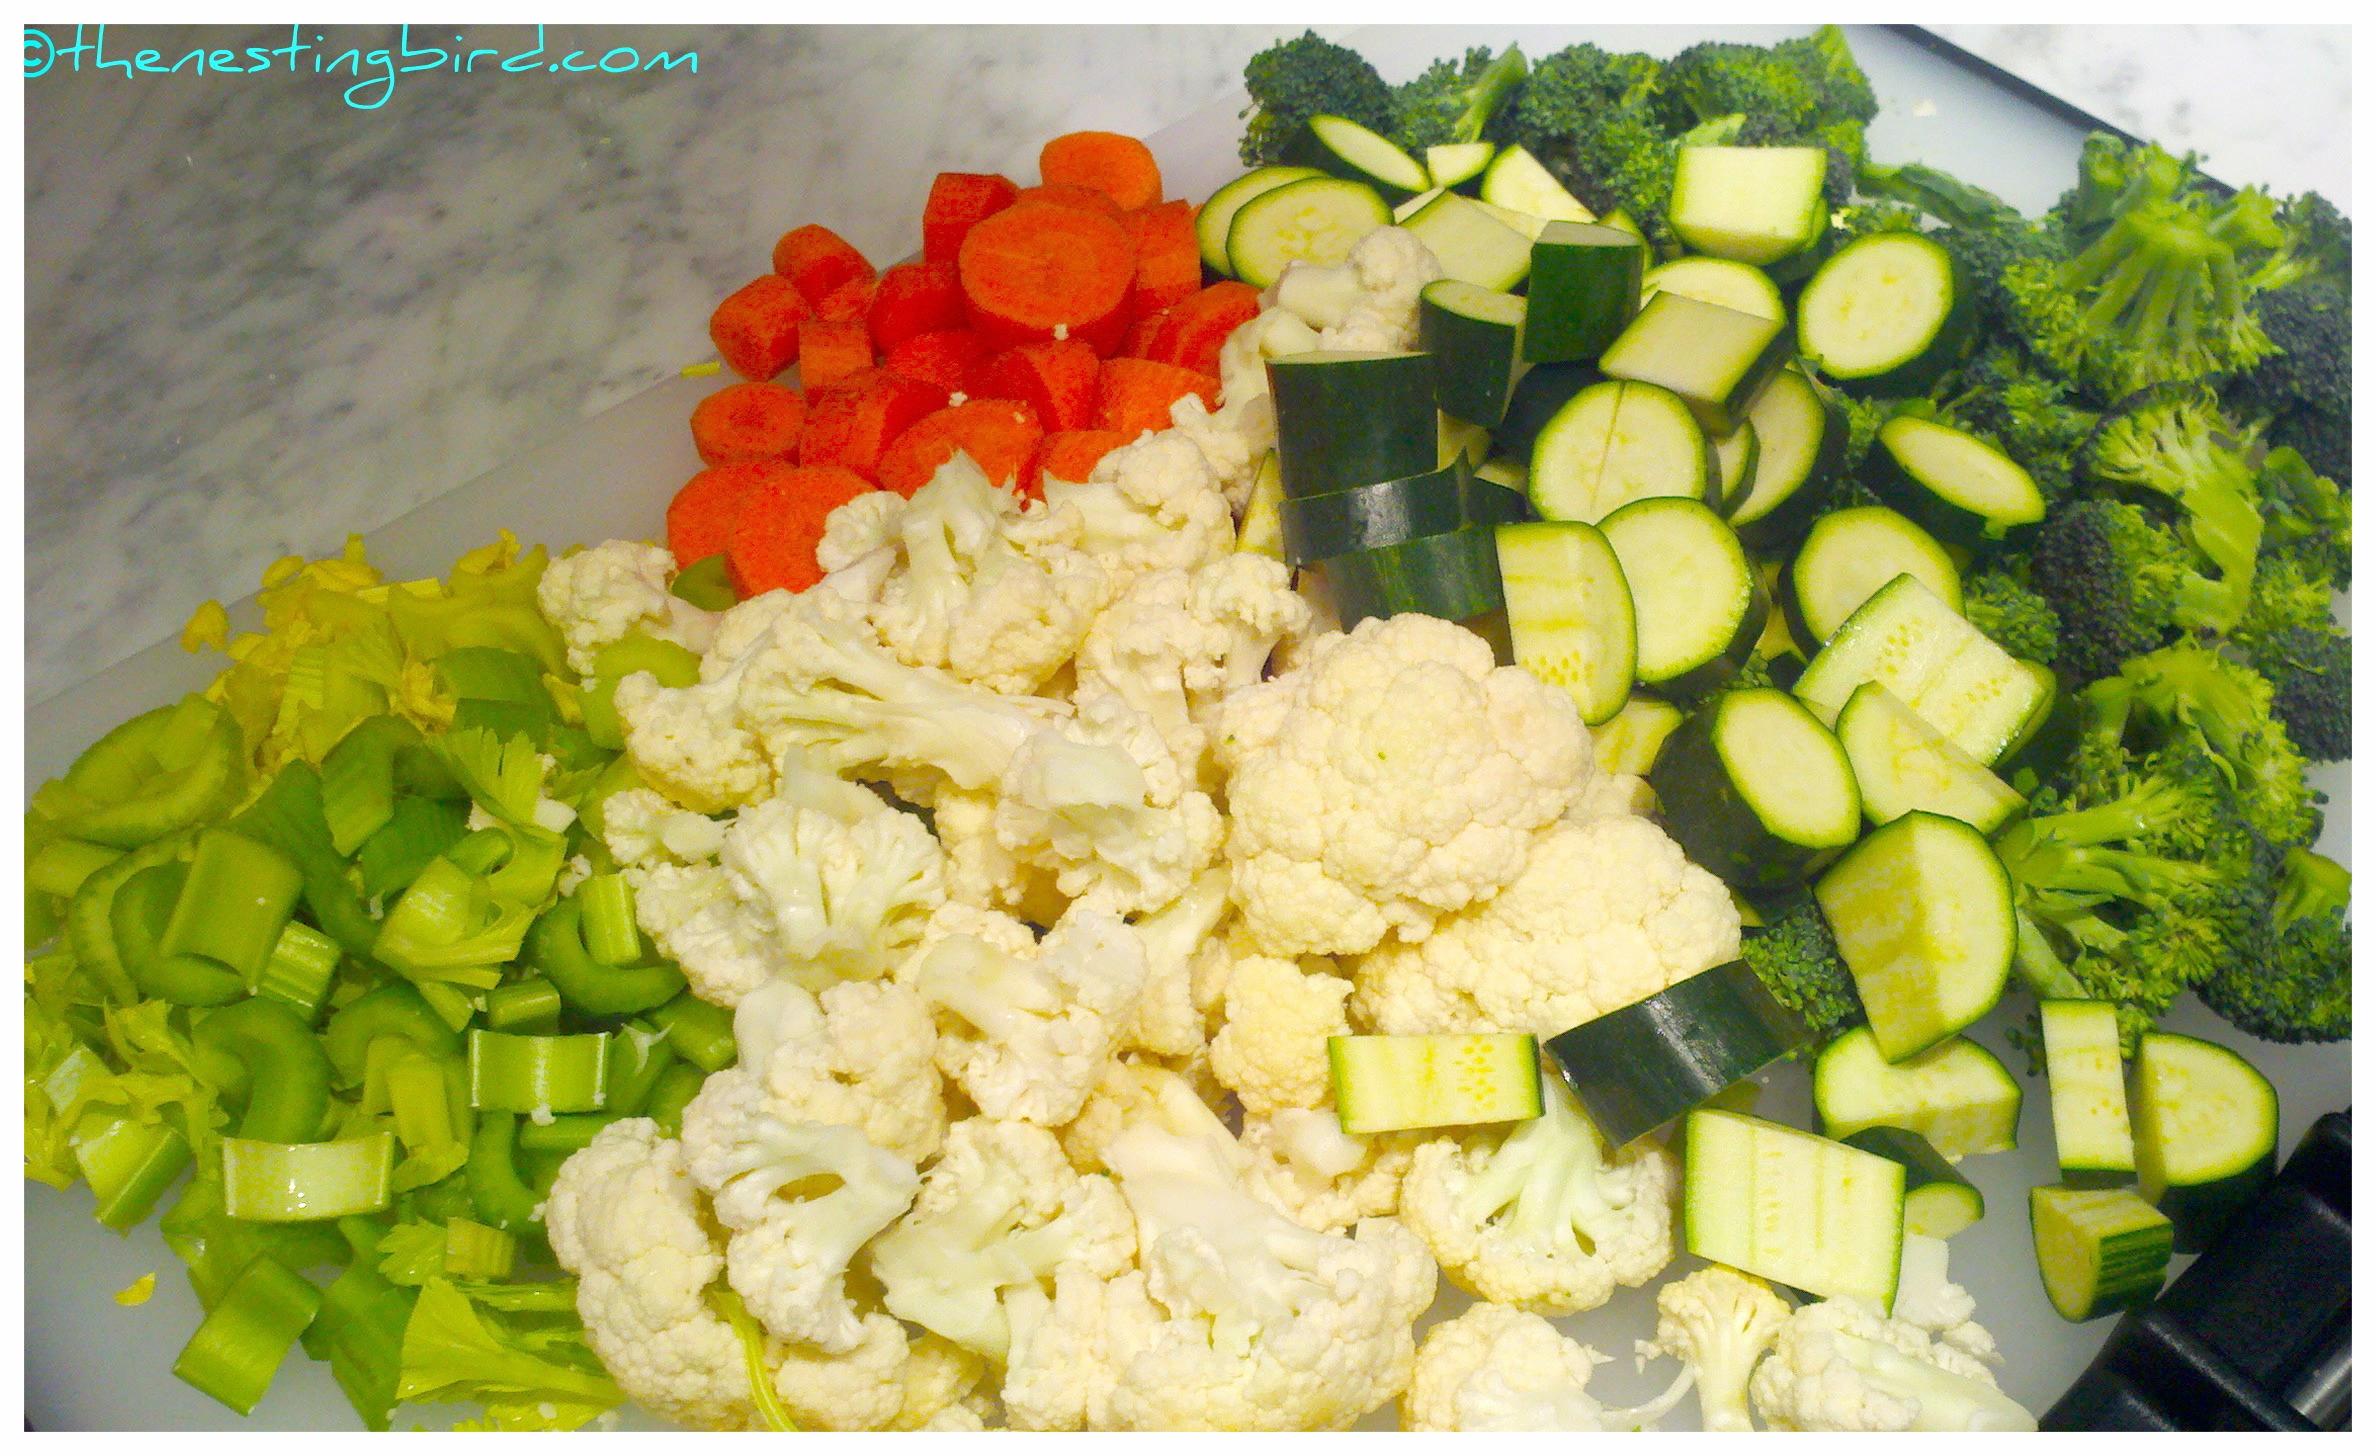 Making Veggie Soup